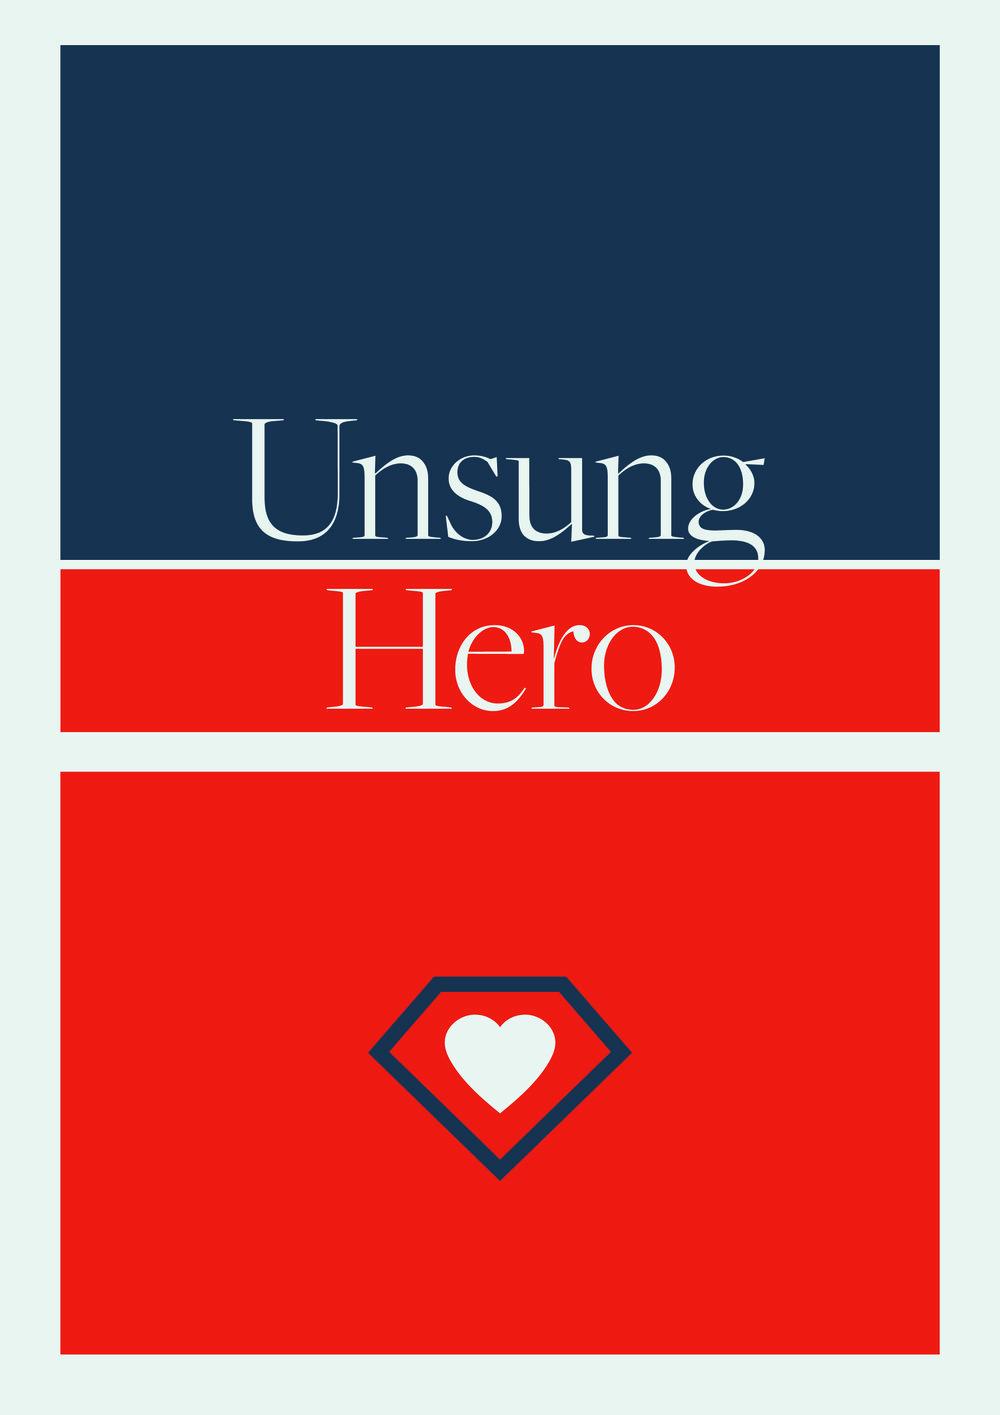 Unsung hero.jpg